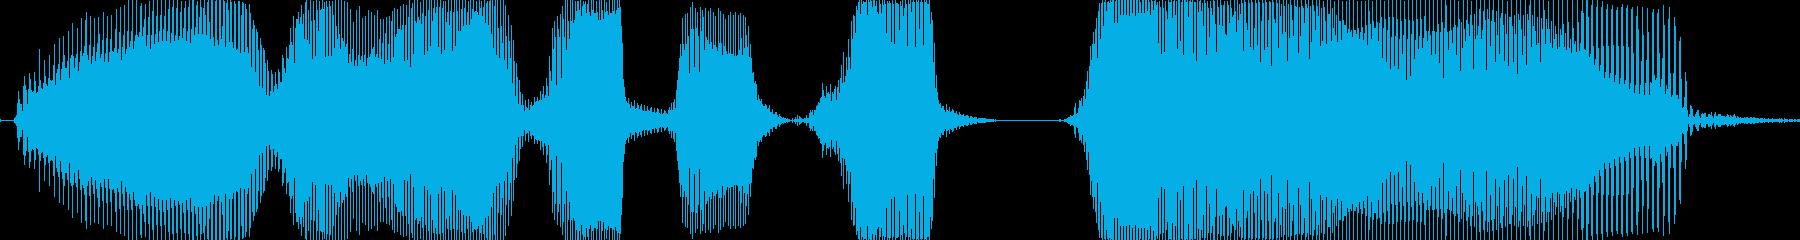 エラーが発生しましたの再生済みの波形